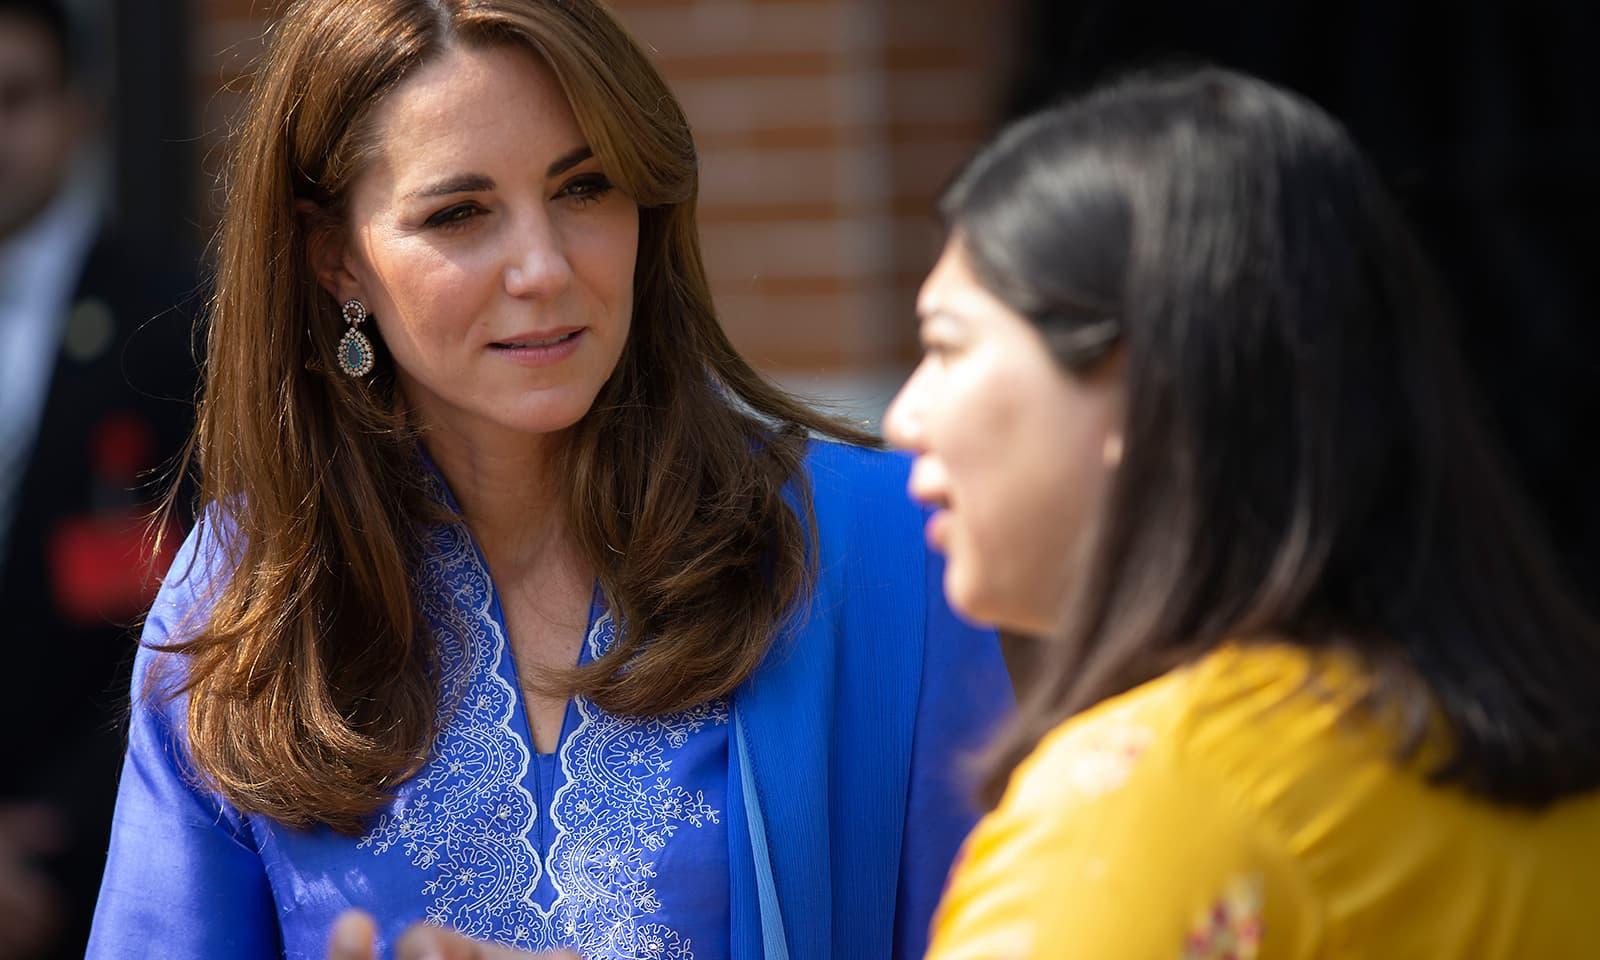 شاہی جوڑے کو اسکول کی اساتذہ نے بریفنگ دی — فوٹو: اے پی